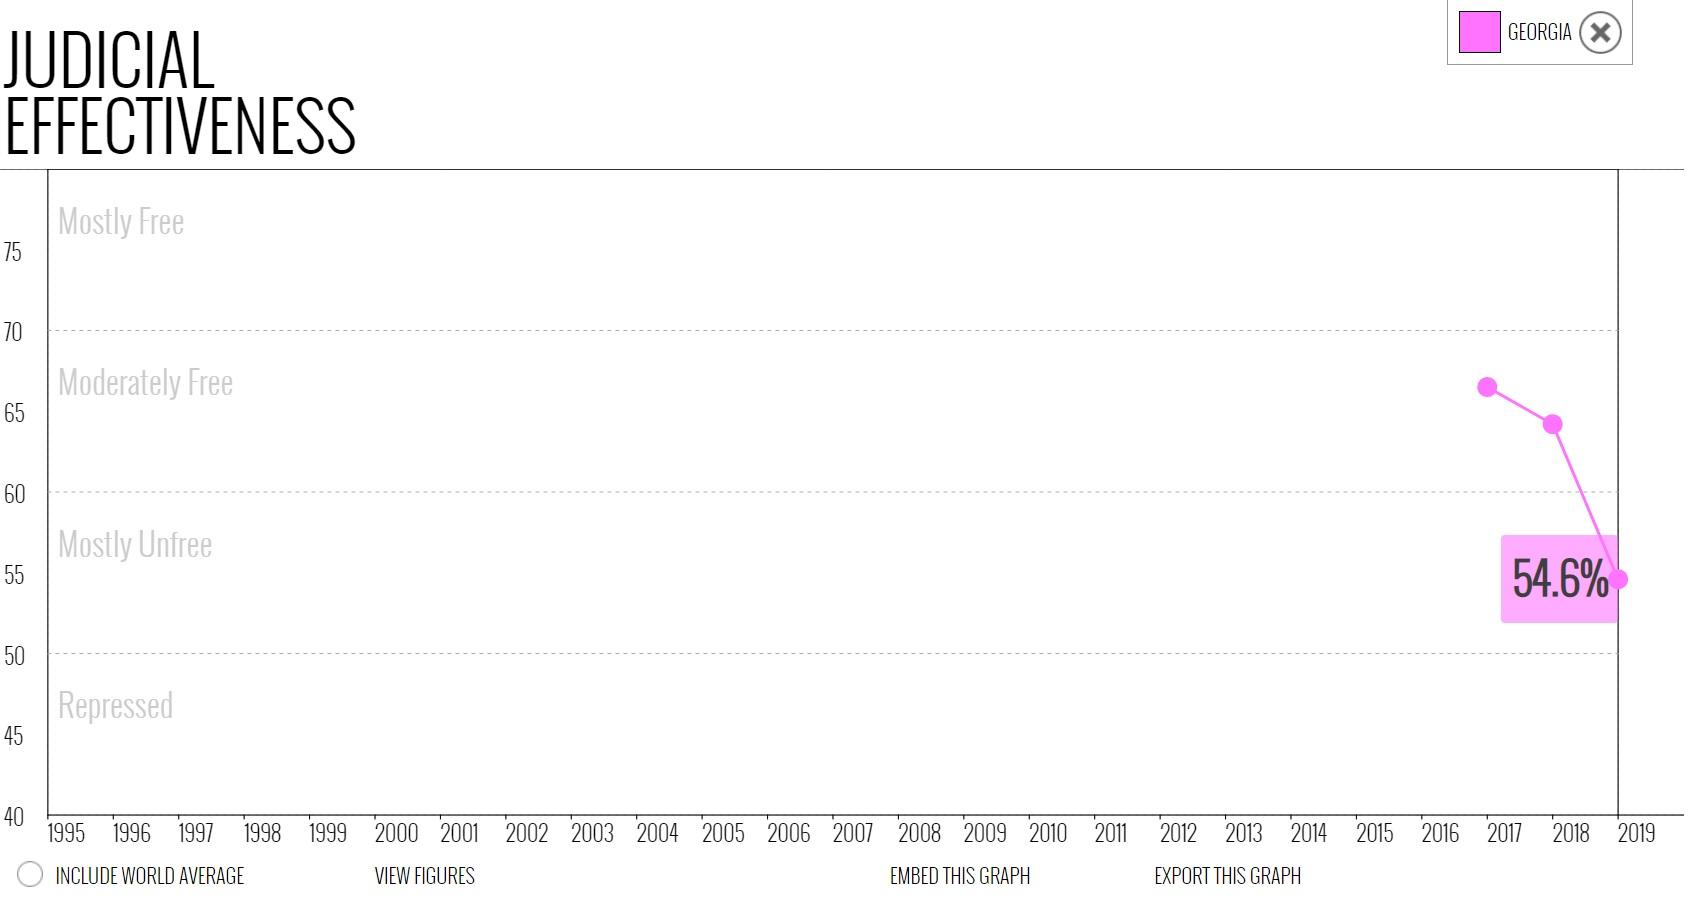 نمودار شاخص آزادی اثربخشی قضائی در گرجستان در میان سالهای 1995 تا 2019